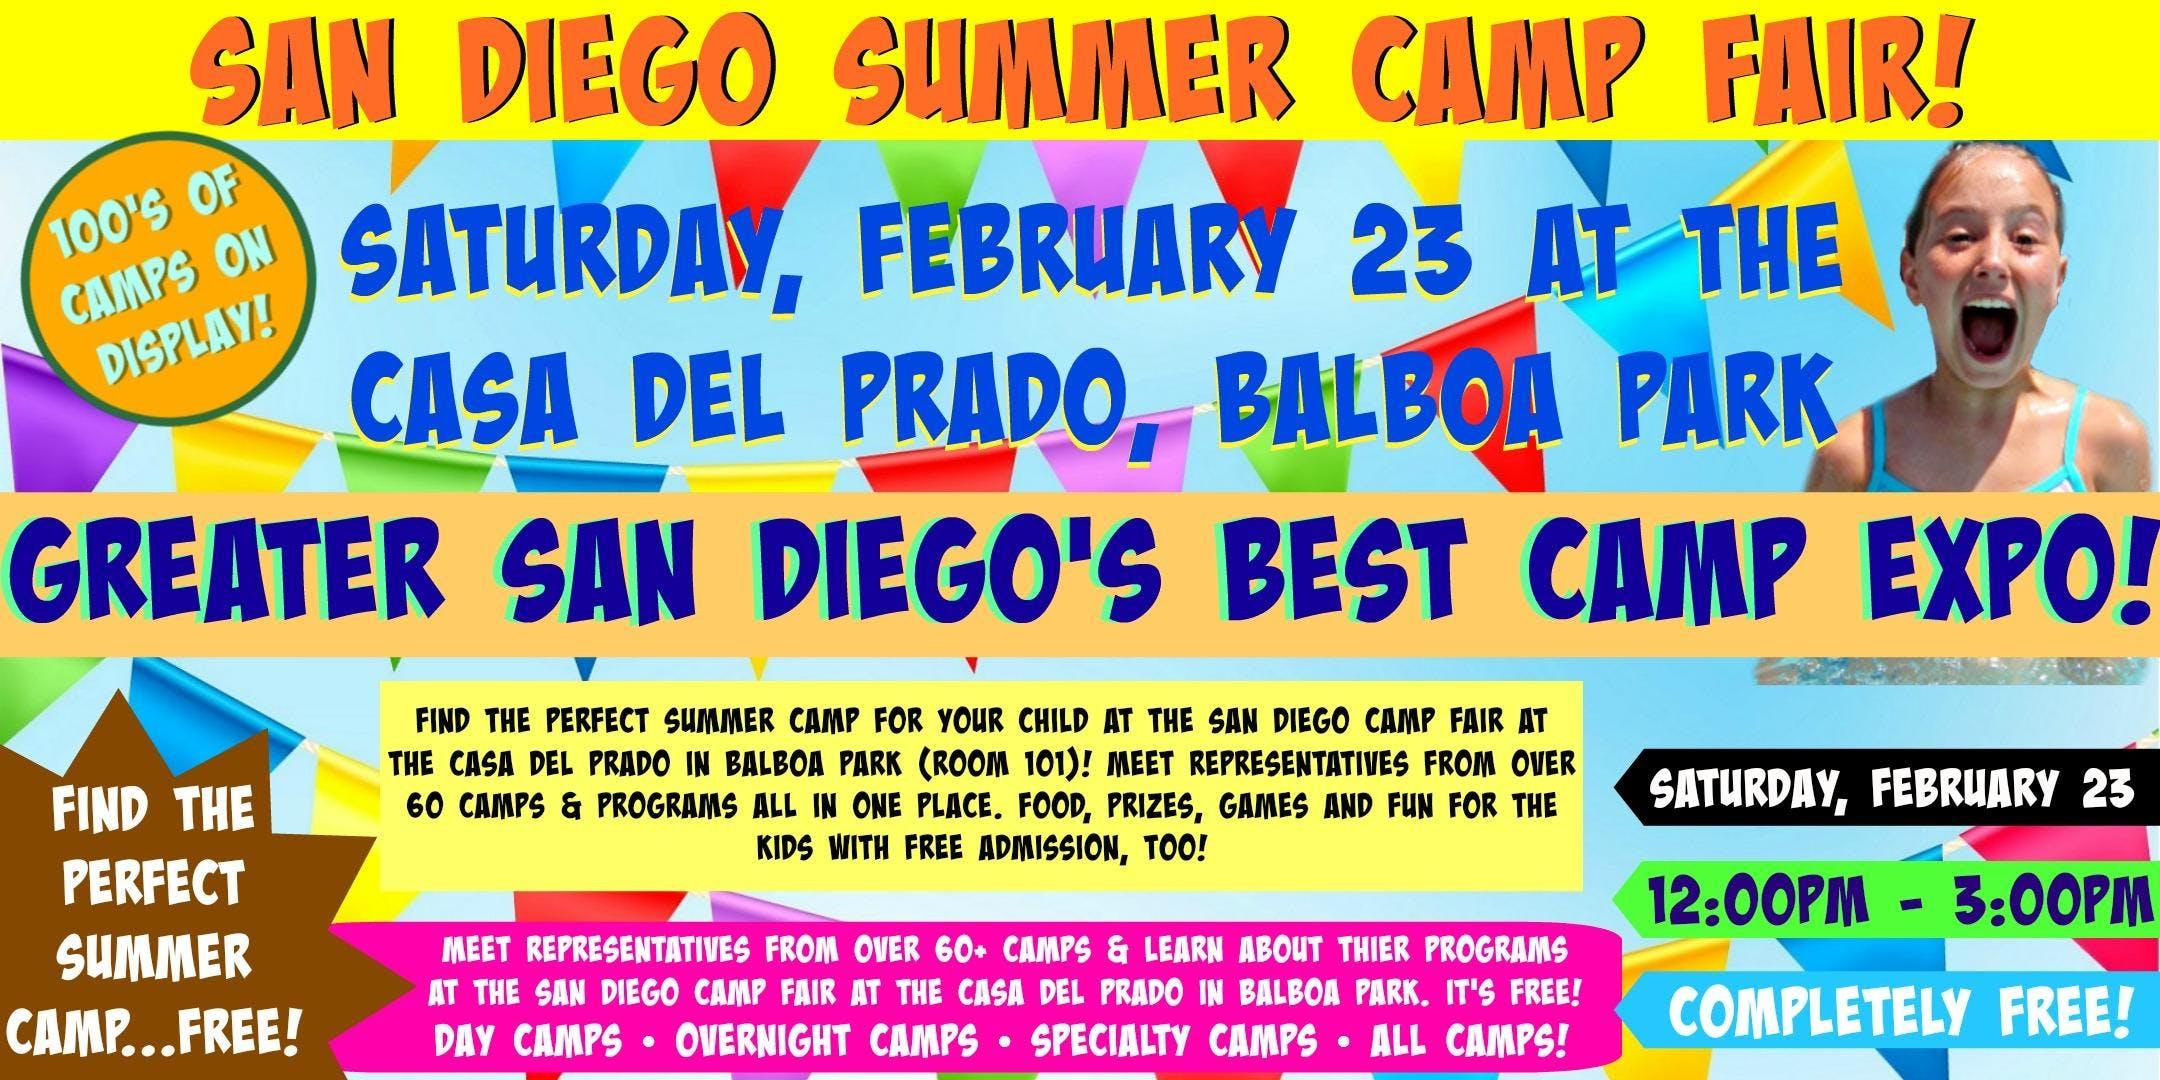 San Diego Camp Fair at Balboa Park